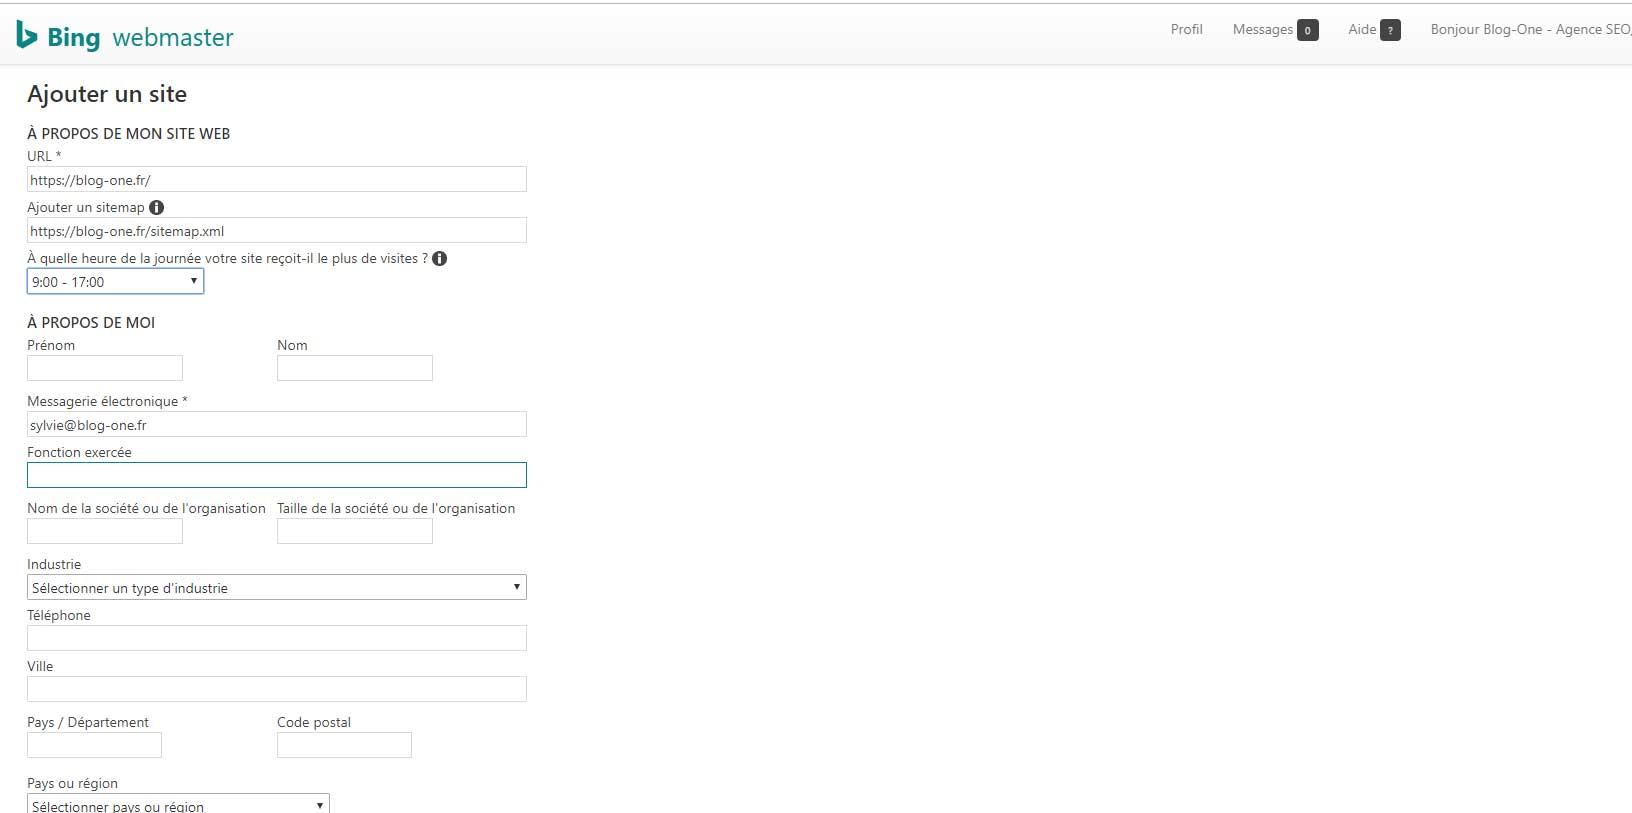 Ecosia   moteur de recherche ecosia   SEO Référencer sur Ecosia   Blog-One